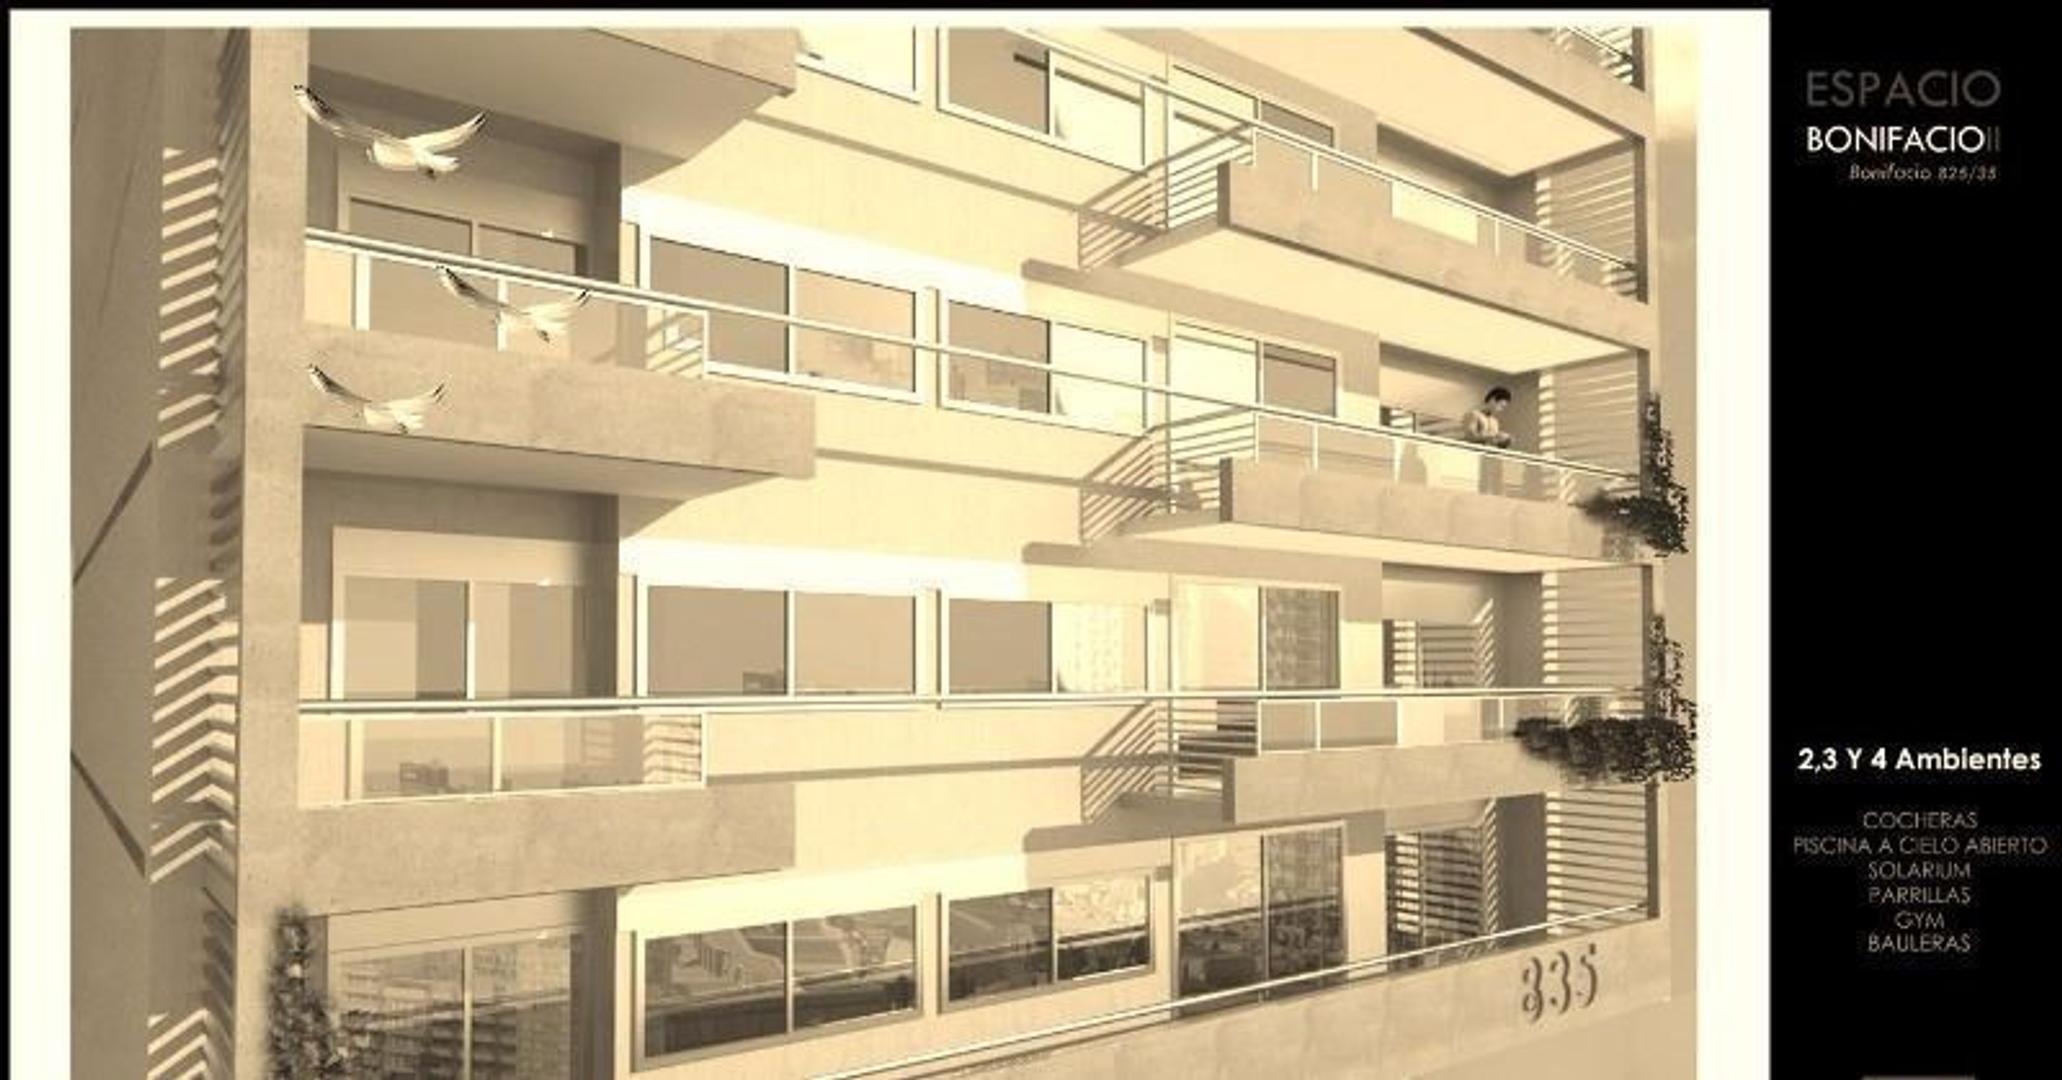 BONIFACIO al 800.piso 1 B. CABALLITO.  2, 3 y 4 ambientes.Edificio de categoría. FINANCIACION